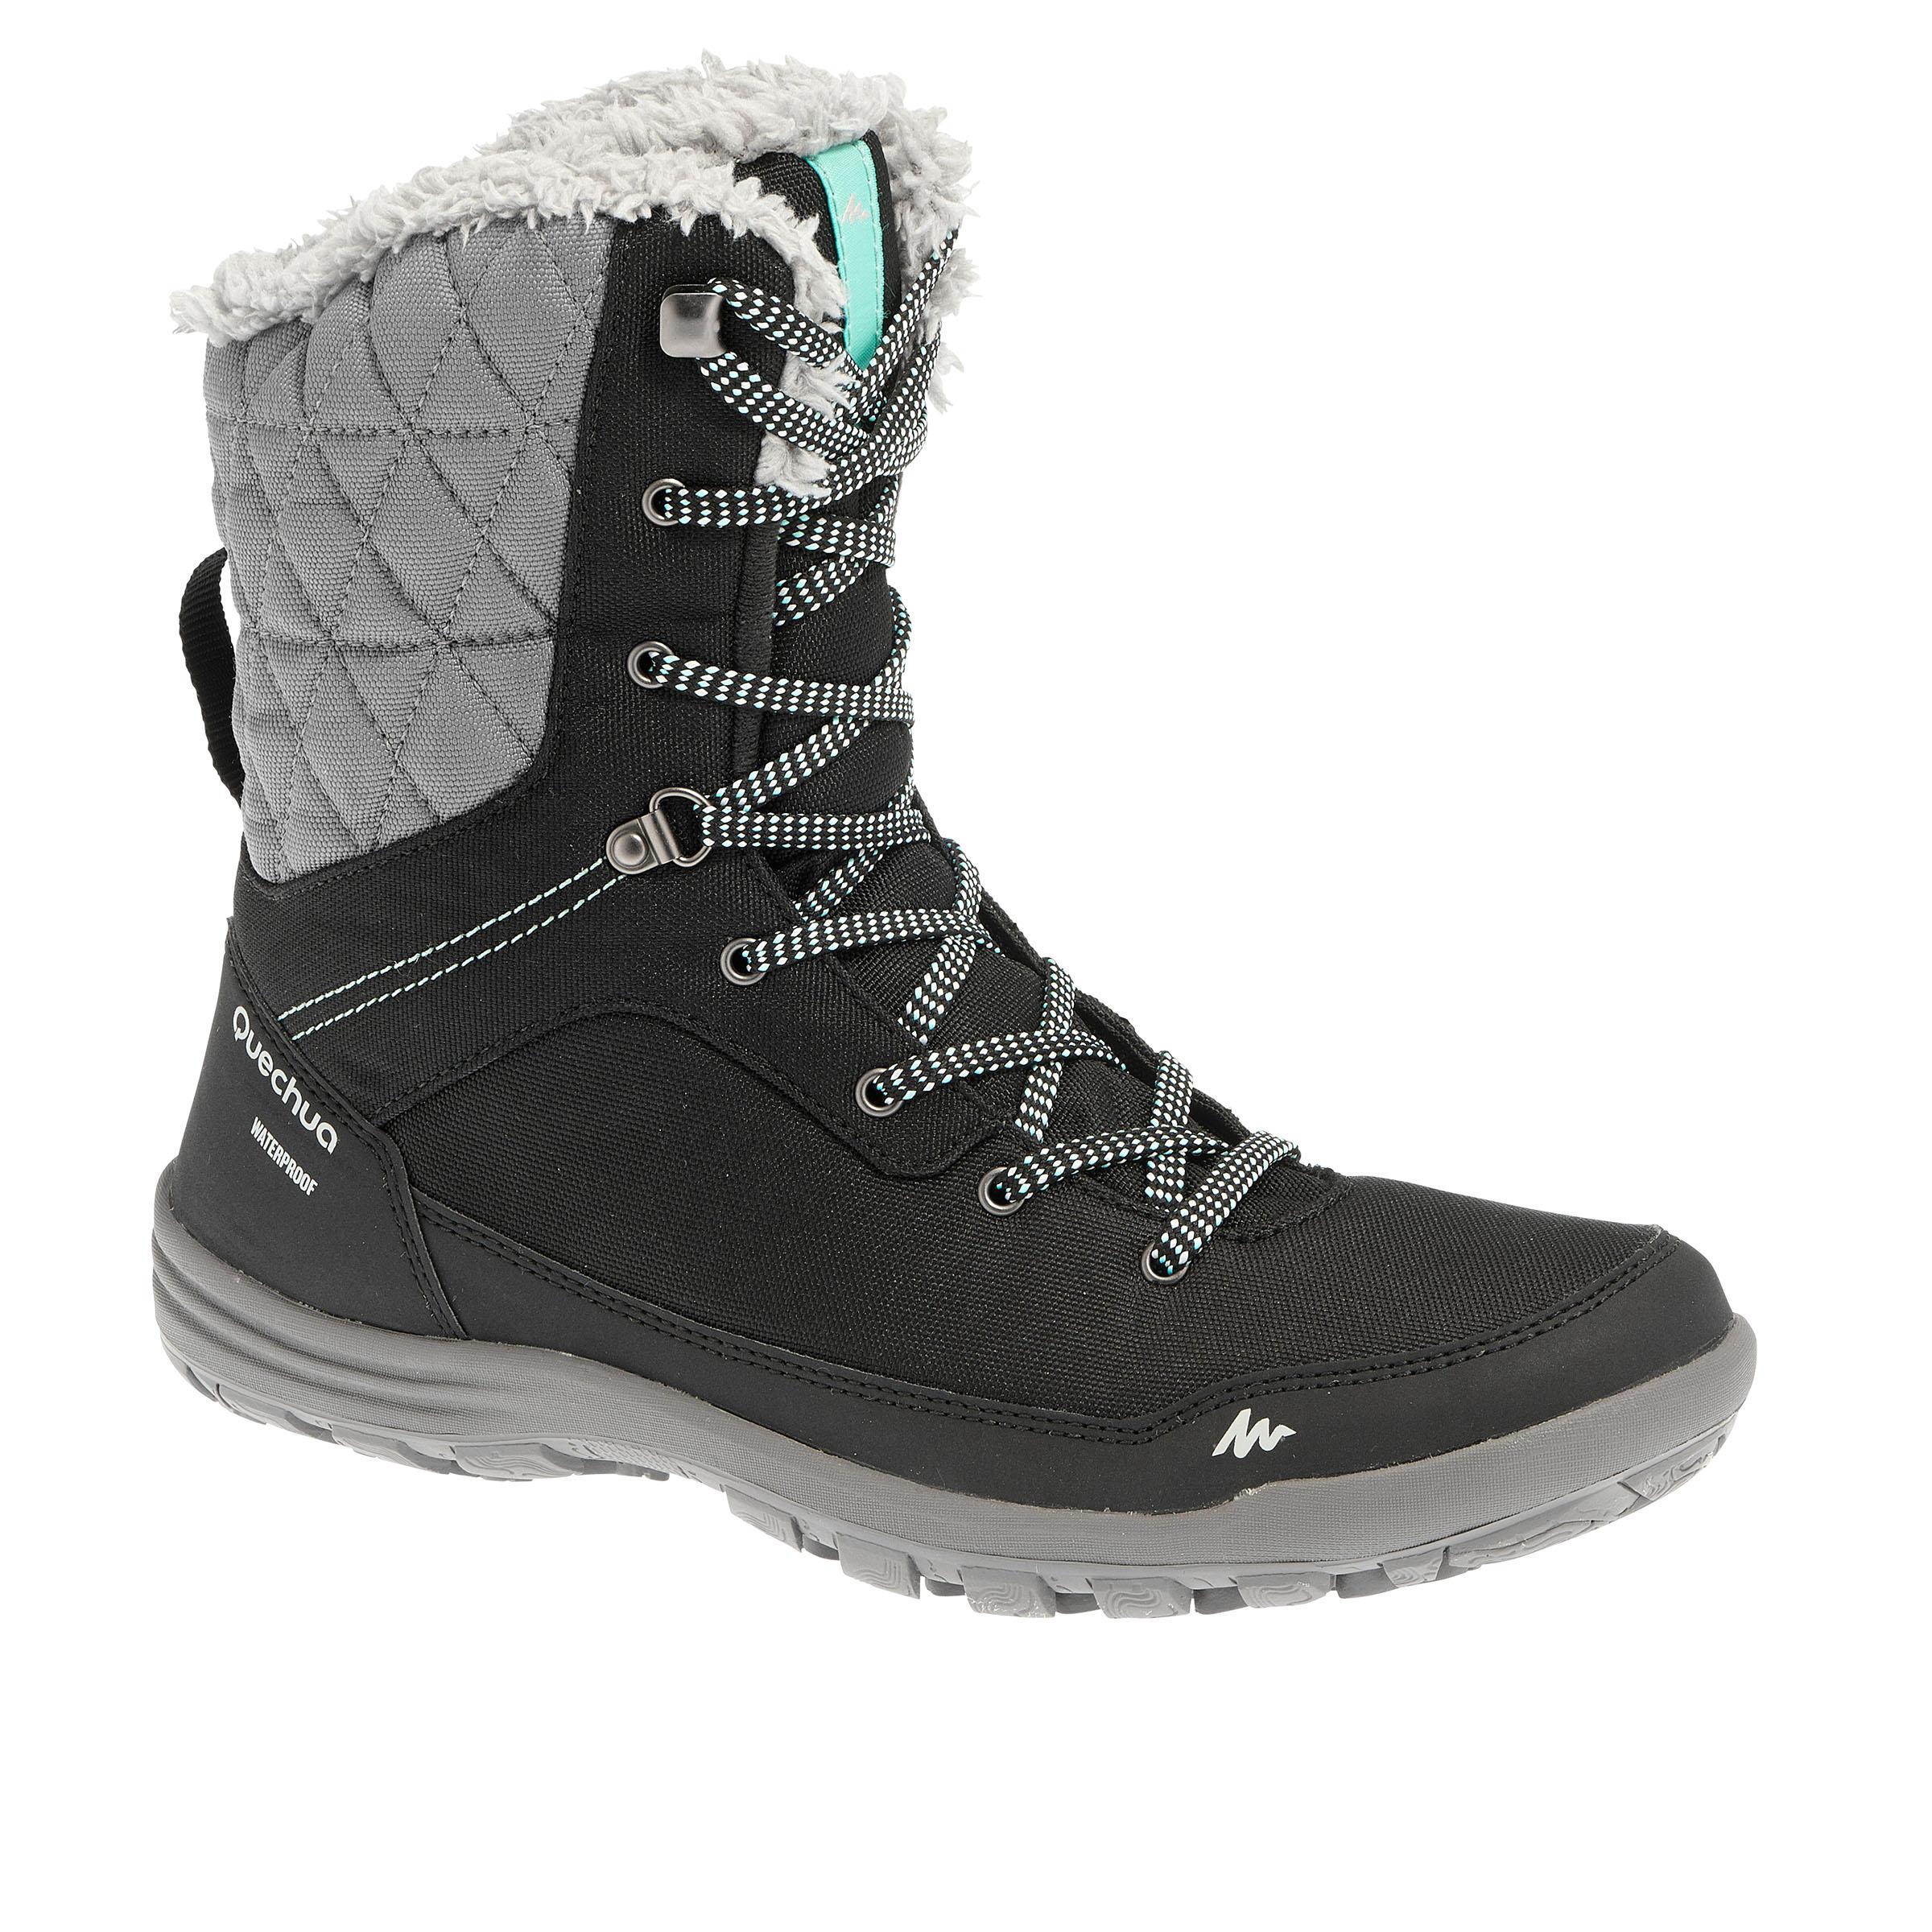 Chaussures de randonnée neige femme SH100 chaudes hautes noir